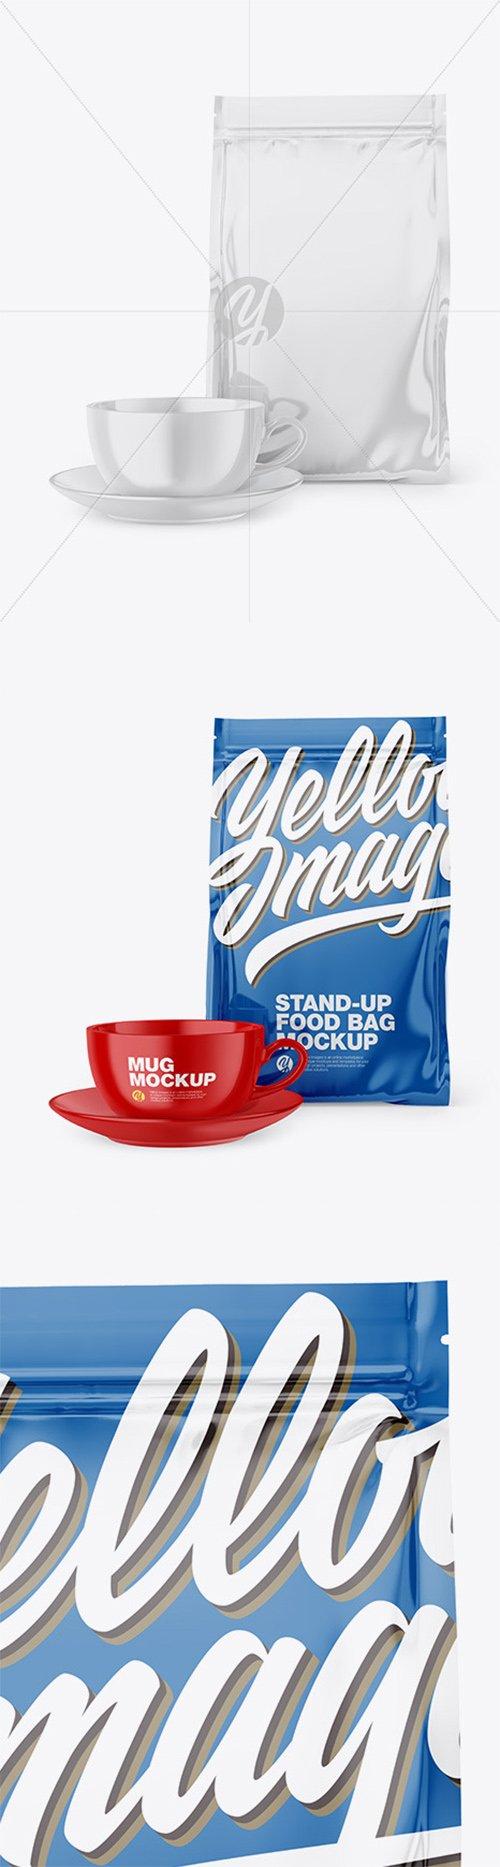 Glossy Stand-Up Bag with Coffee Mug Mockup 66632 TIF